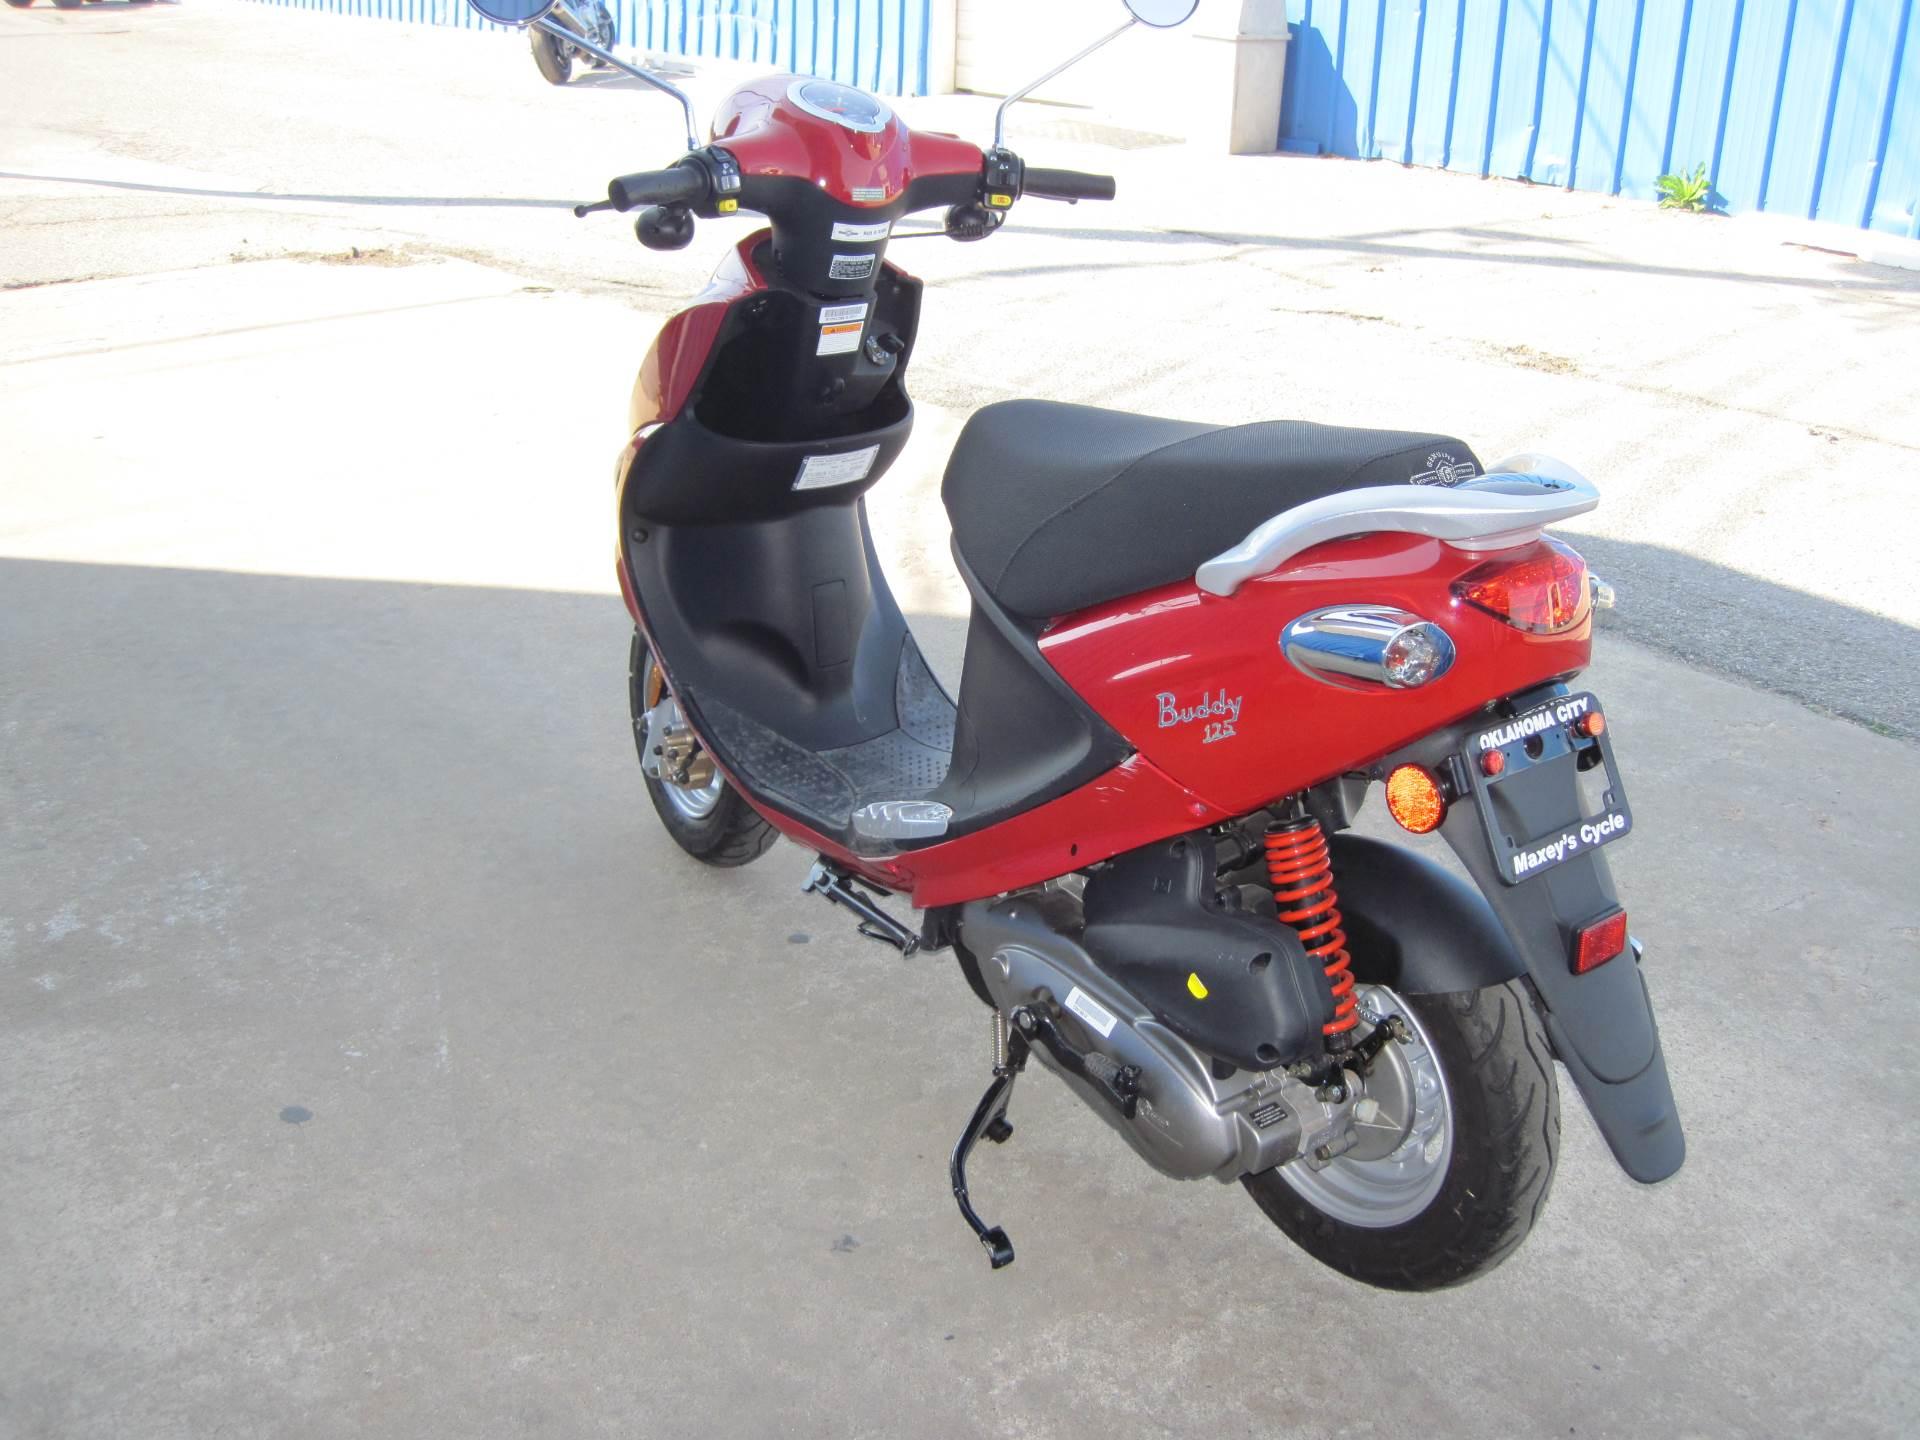 2012 Genuine Scooters Buddy 125 in Oklahoma City, Oklahoma